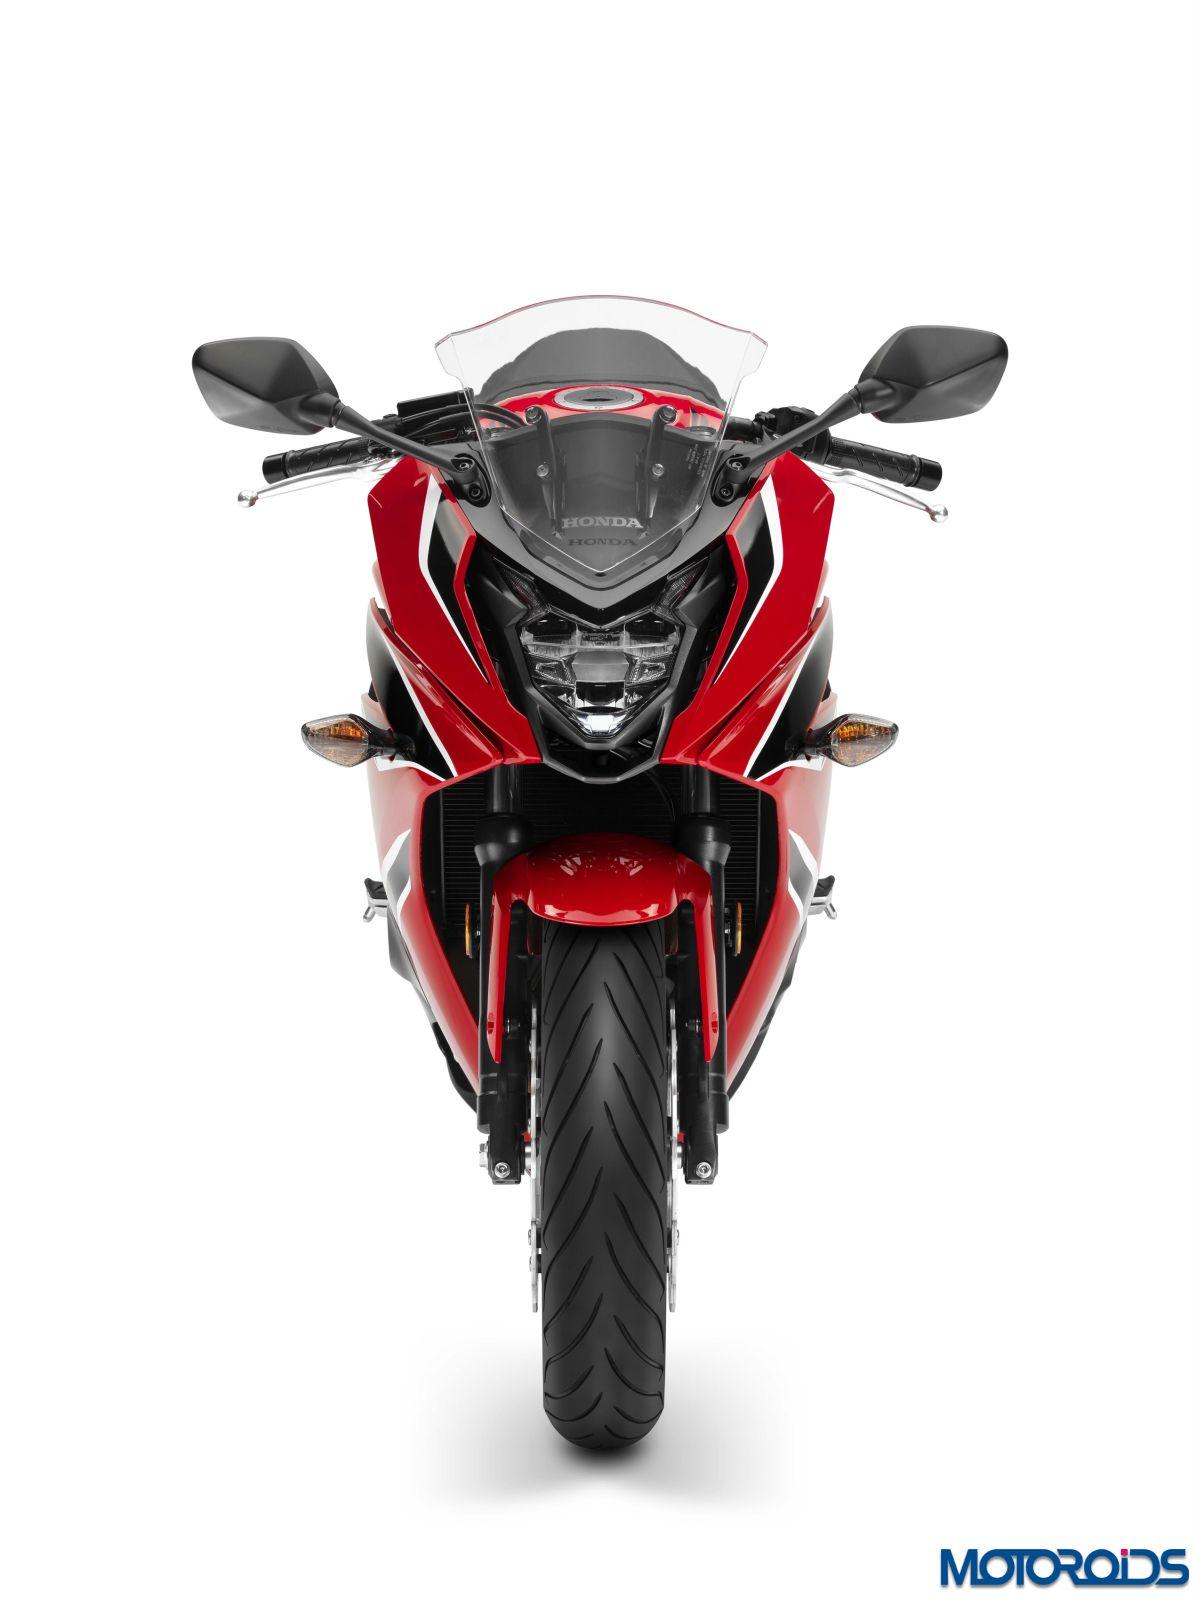 October 10, 2017-New-2017-Honda-CBR650F-facelift-India-3.jpg